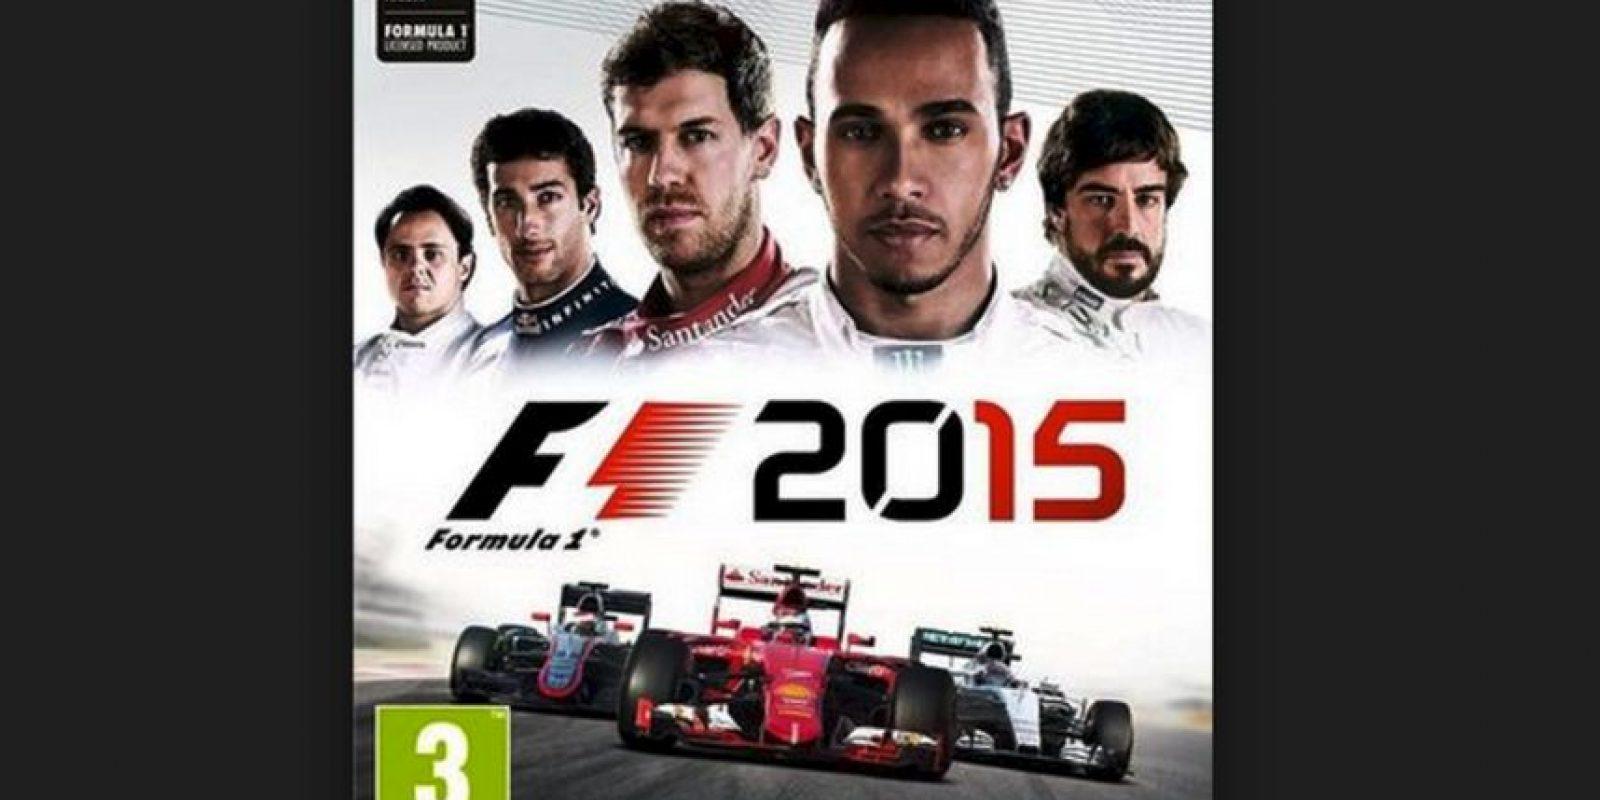 """Esta es la portada prevista para el nuevo juego """"F1 2015"""" Foto:Bandai / Namco"""